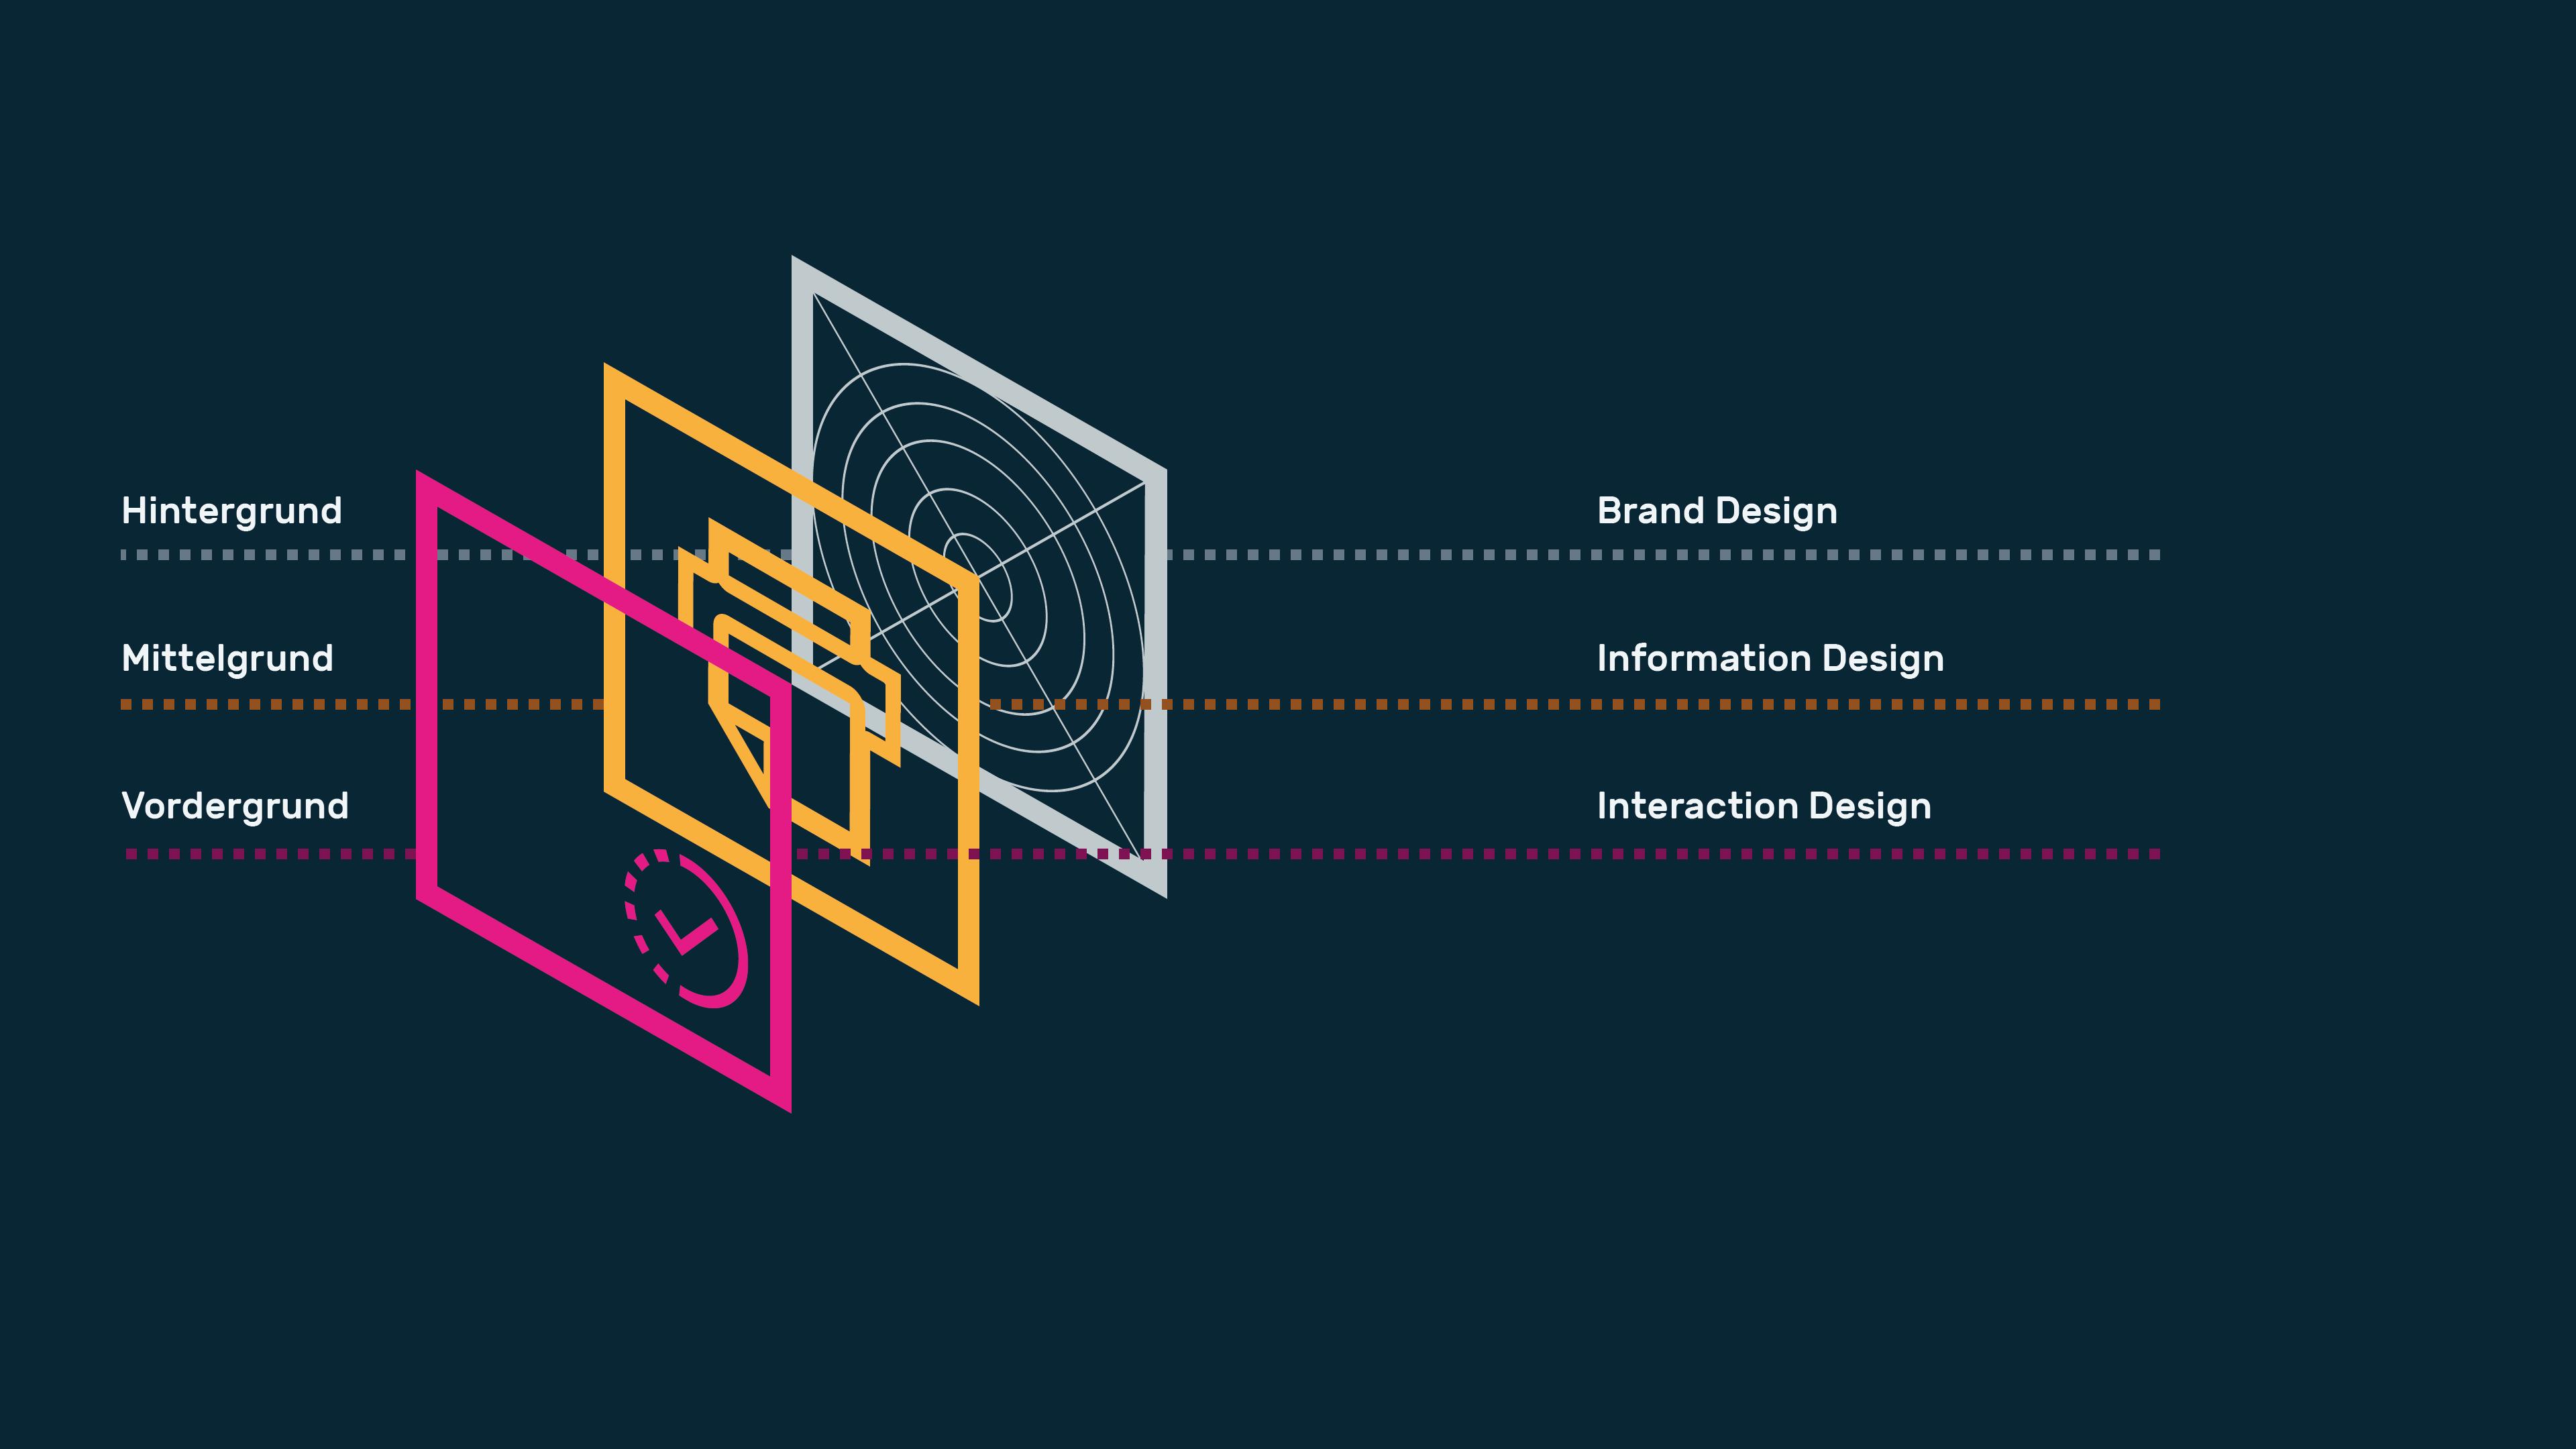 Infografik userinterfacedesign Designsystem